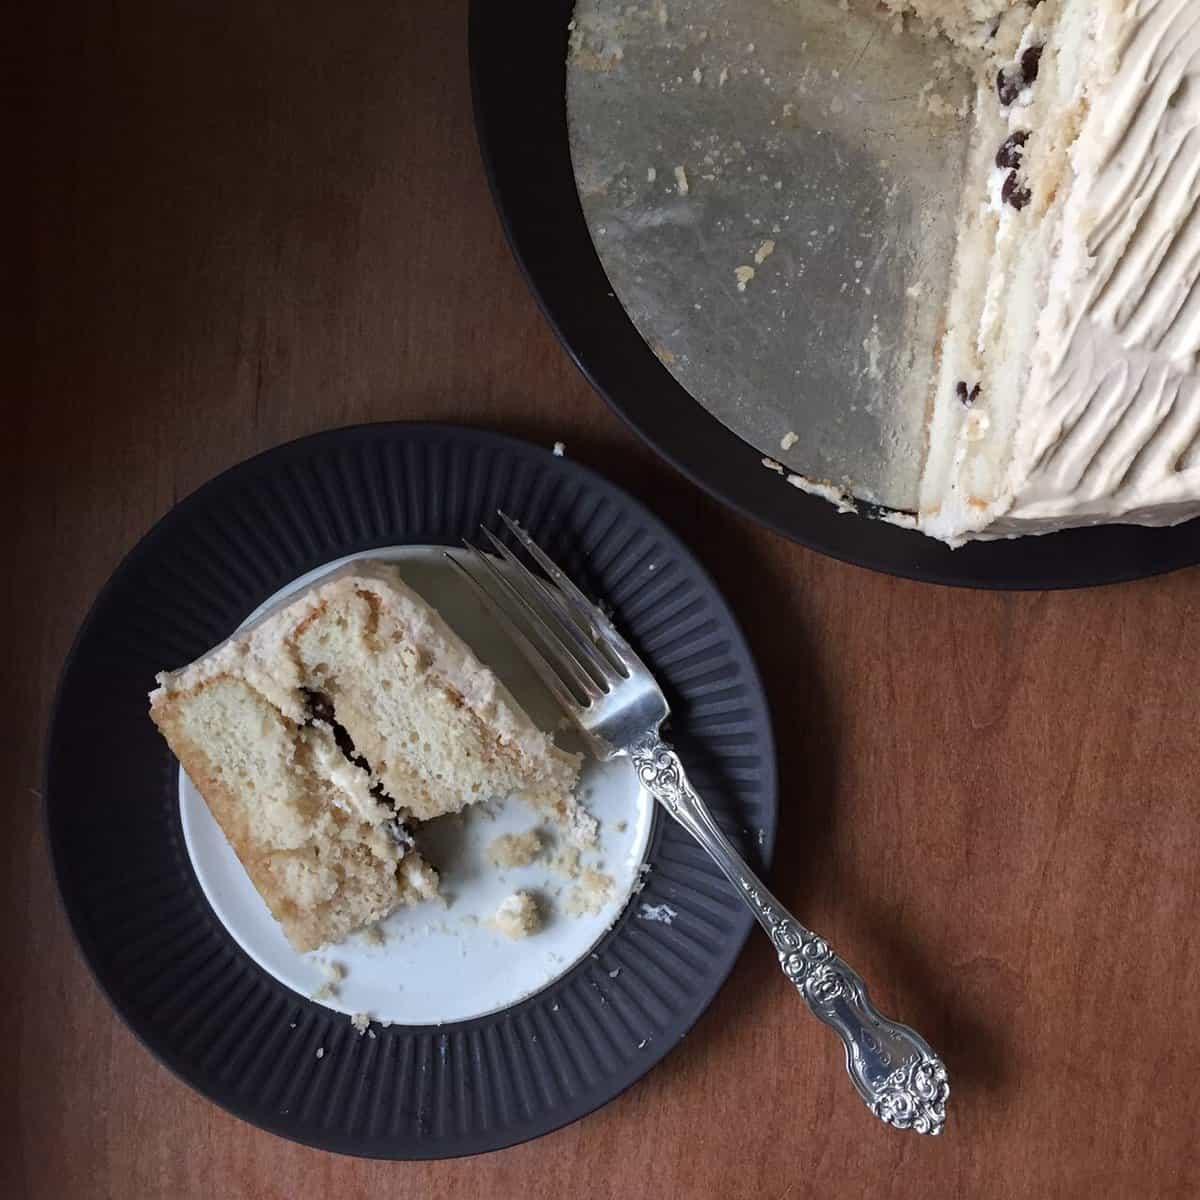 Birthday Cake Tiramisu without Raw Egg